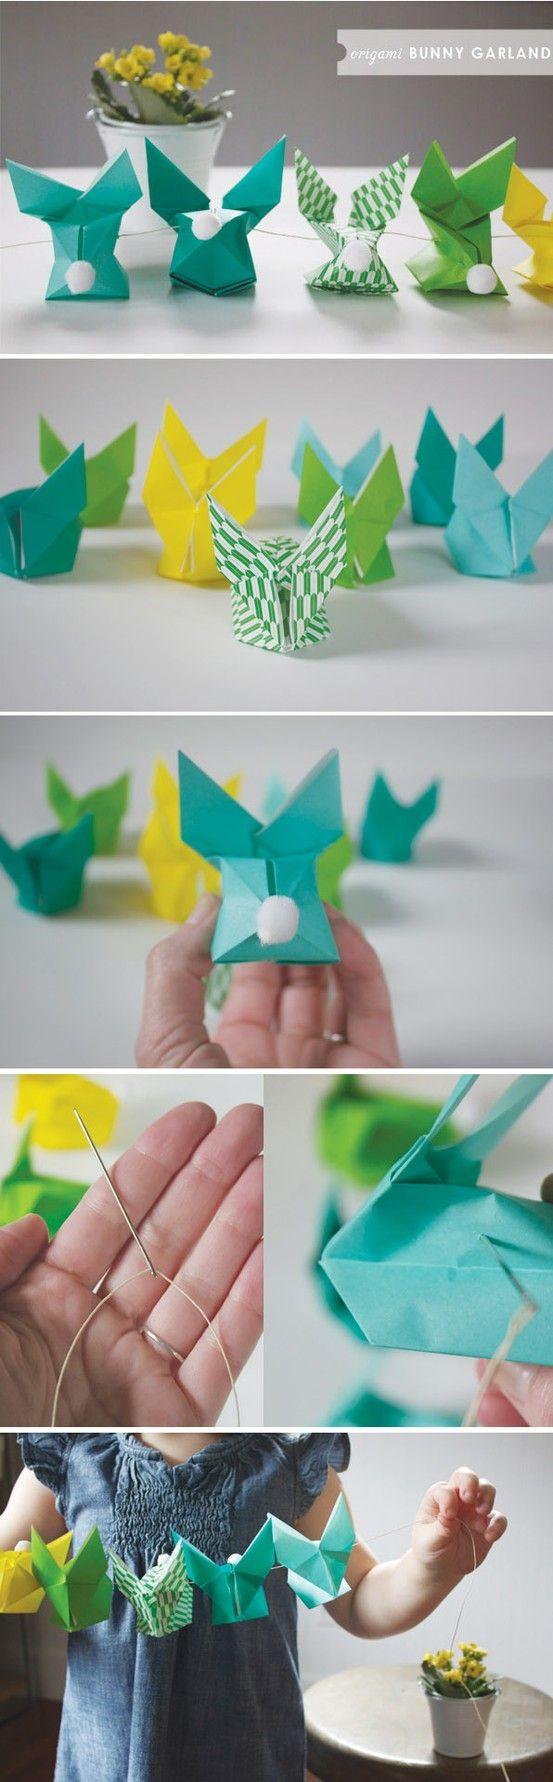 #DIY #Origami #Bunny Garland #easter #decoration  http://www.kidsdinge.com www.facebook.com/pages/kidsdingecom-Origineel-speelgoed-hebbedingen-voor-hippe-kids/160122710686387?sk=wall http://instagram.com/kidsdinge